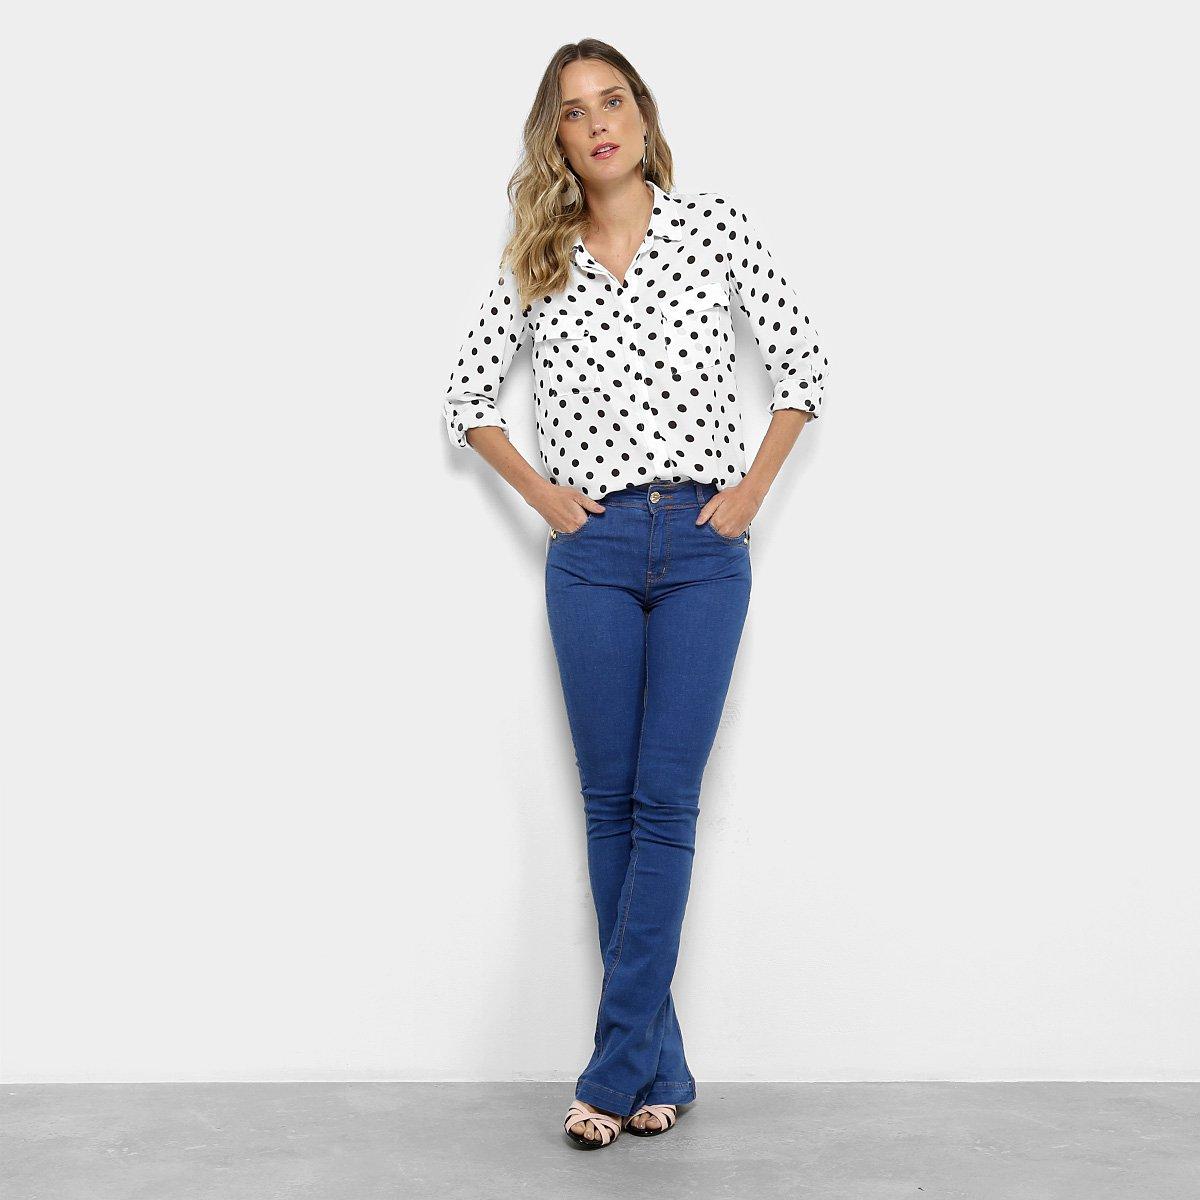 Flare Calça Alta Jeans Dimy Jeans Azul Feminina Calça Cintura RUOwq7